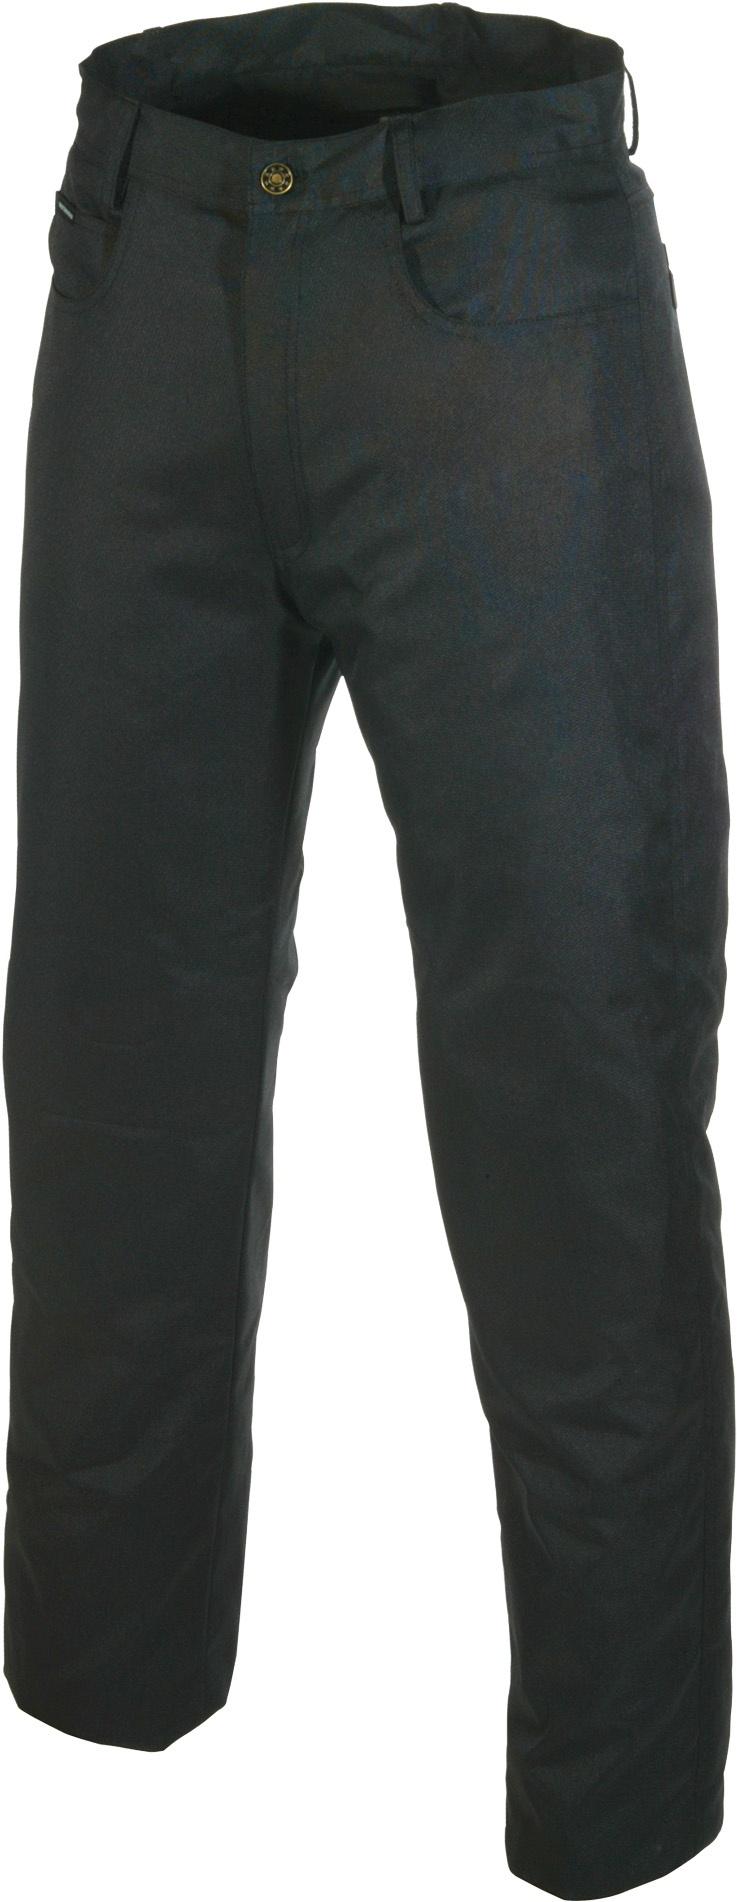 Motomod HYDRA     Fibre Tech 100% Imperméable Doublure chaude Thinsulate et membrane étanche et respirante DAMOTEX amovibles Doublure fixe en coton Protections genoux hanches Tailles XS à 2XL  -  199,99$